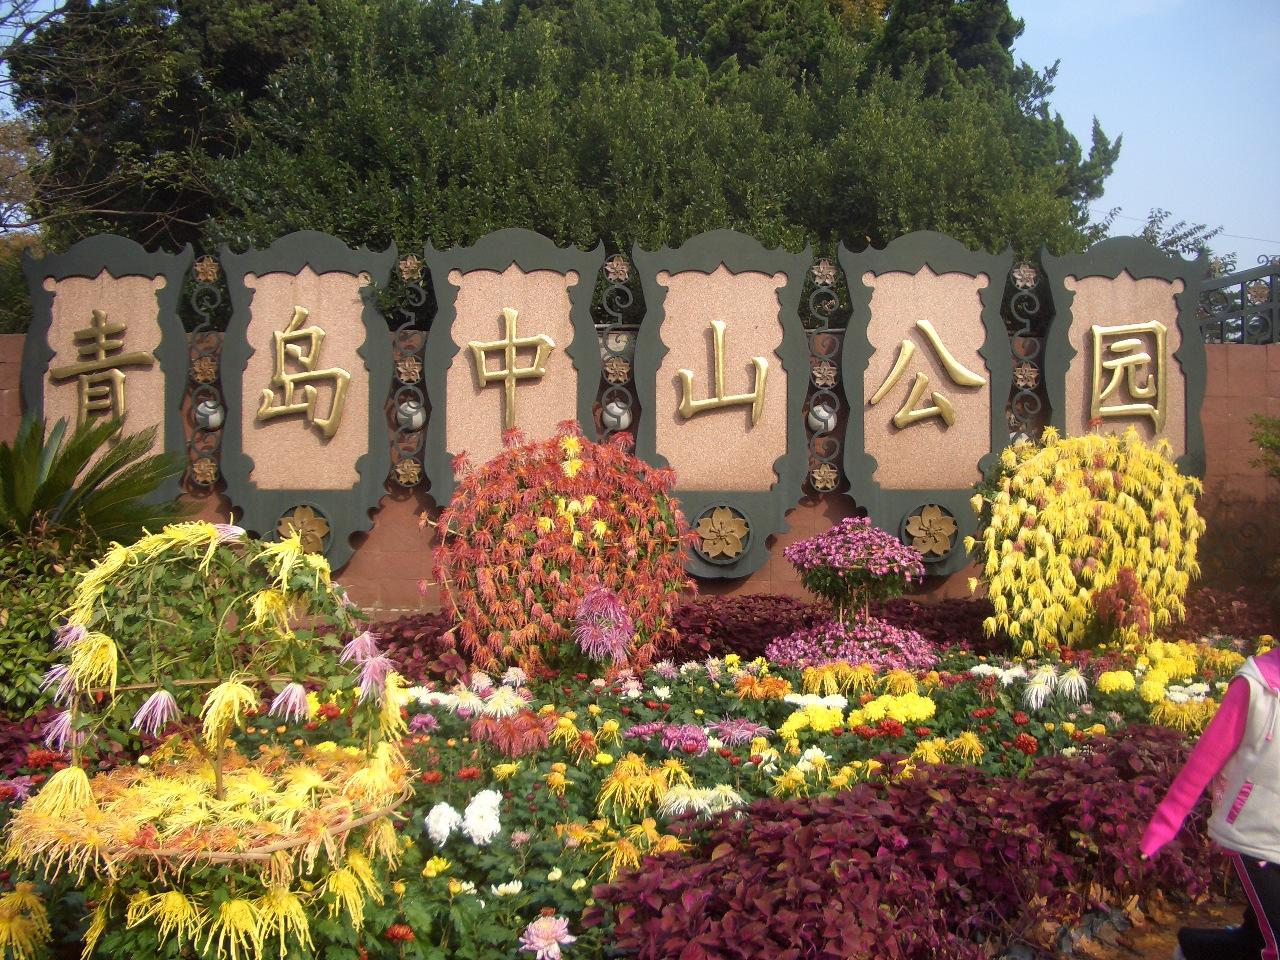 【青岛中山公园旅游】青岛中山公园旅游景点大全